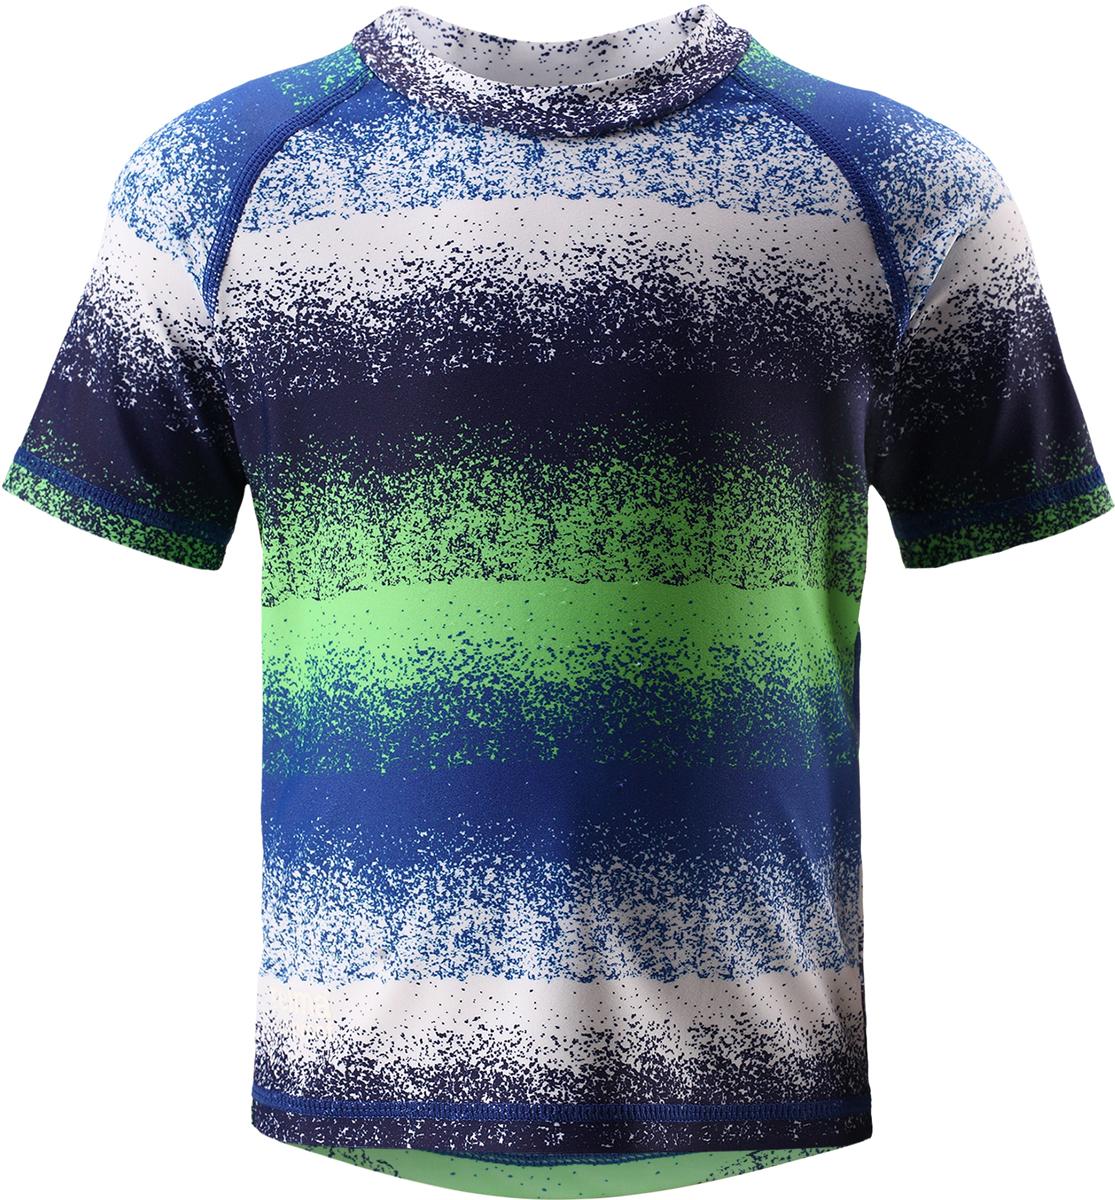 Футболка для плавания детская Reima Azores, цвет: синий, зеленый. 5163516645. Размер 745163516645